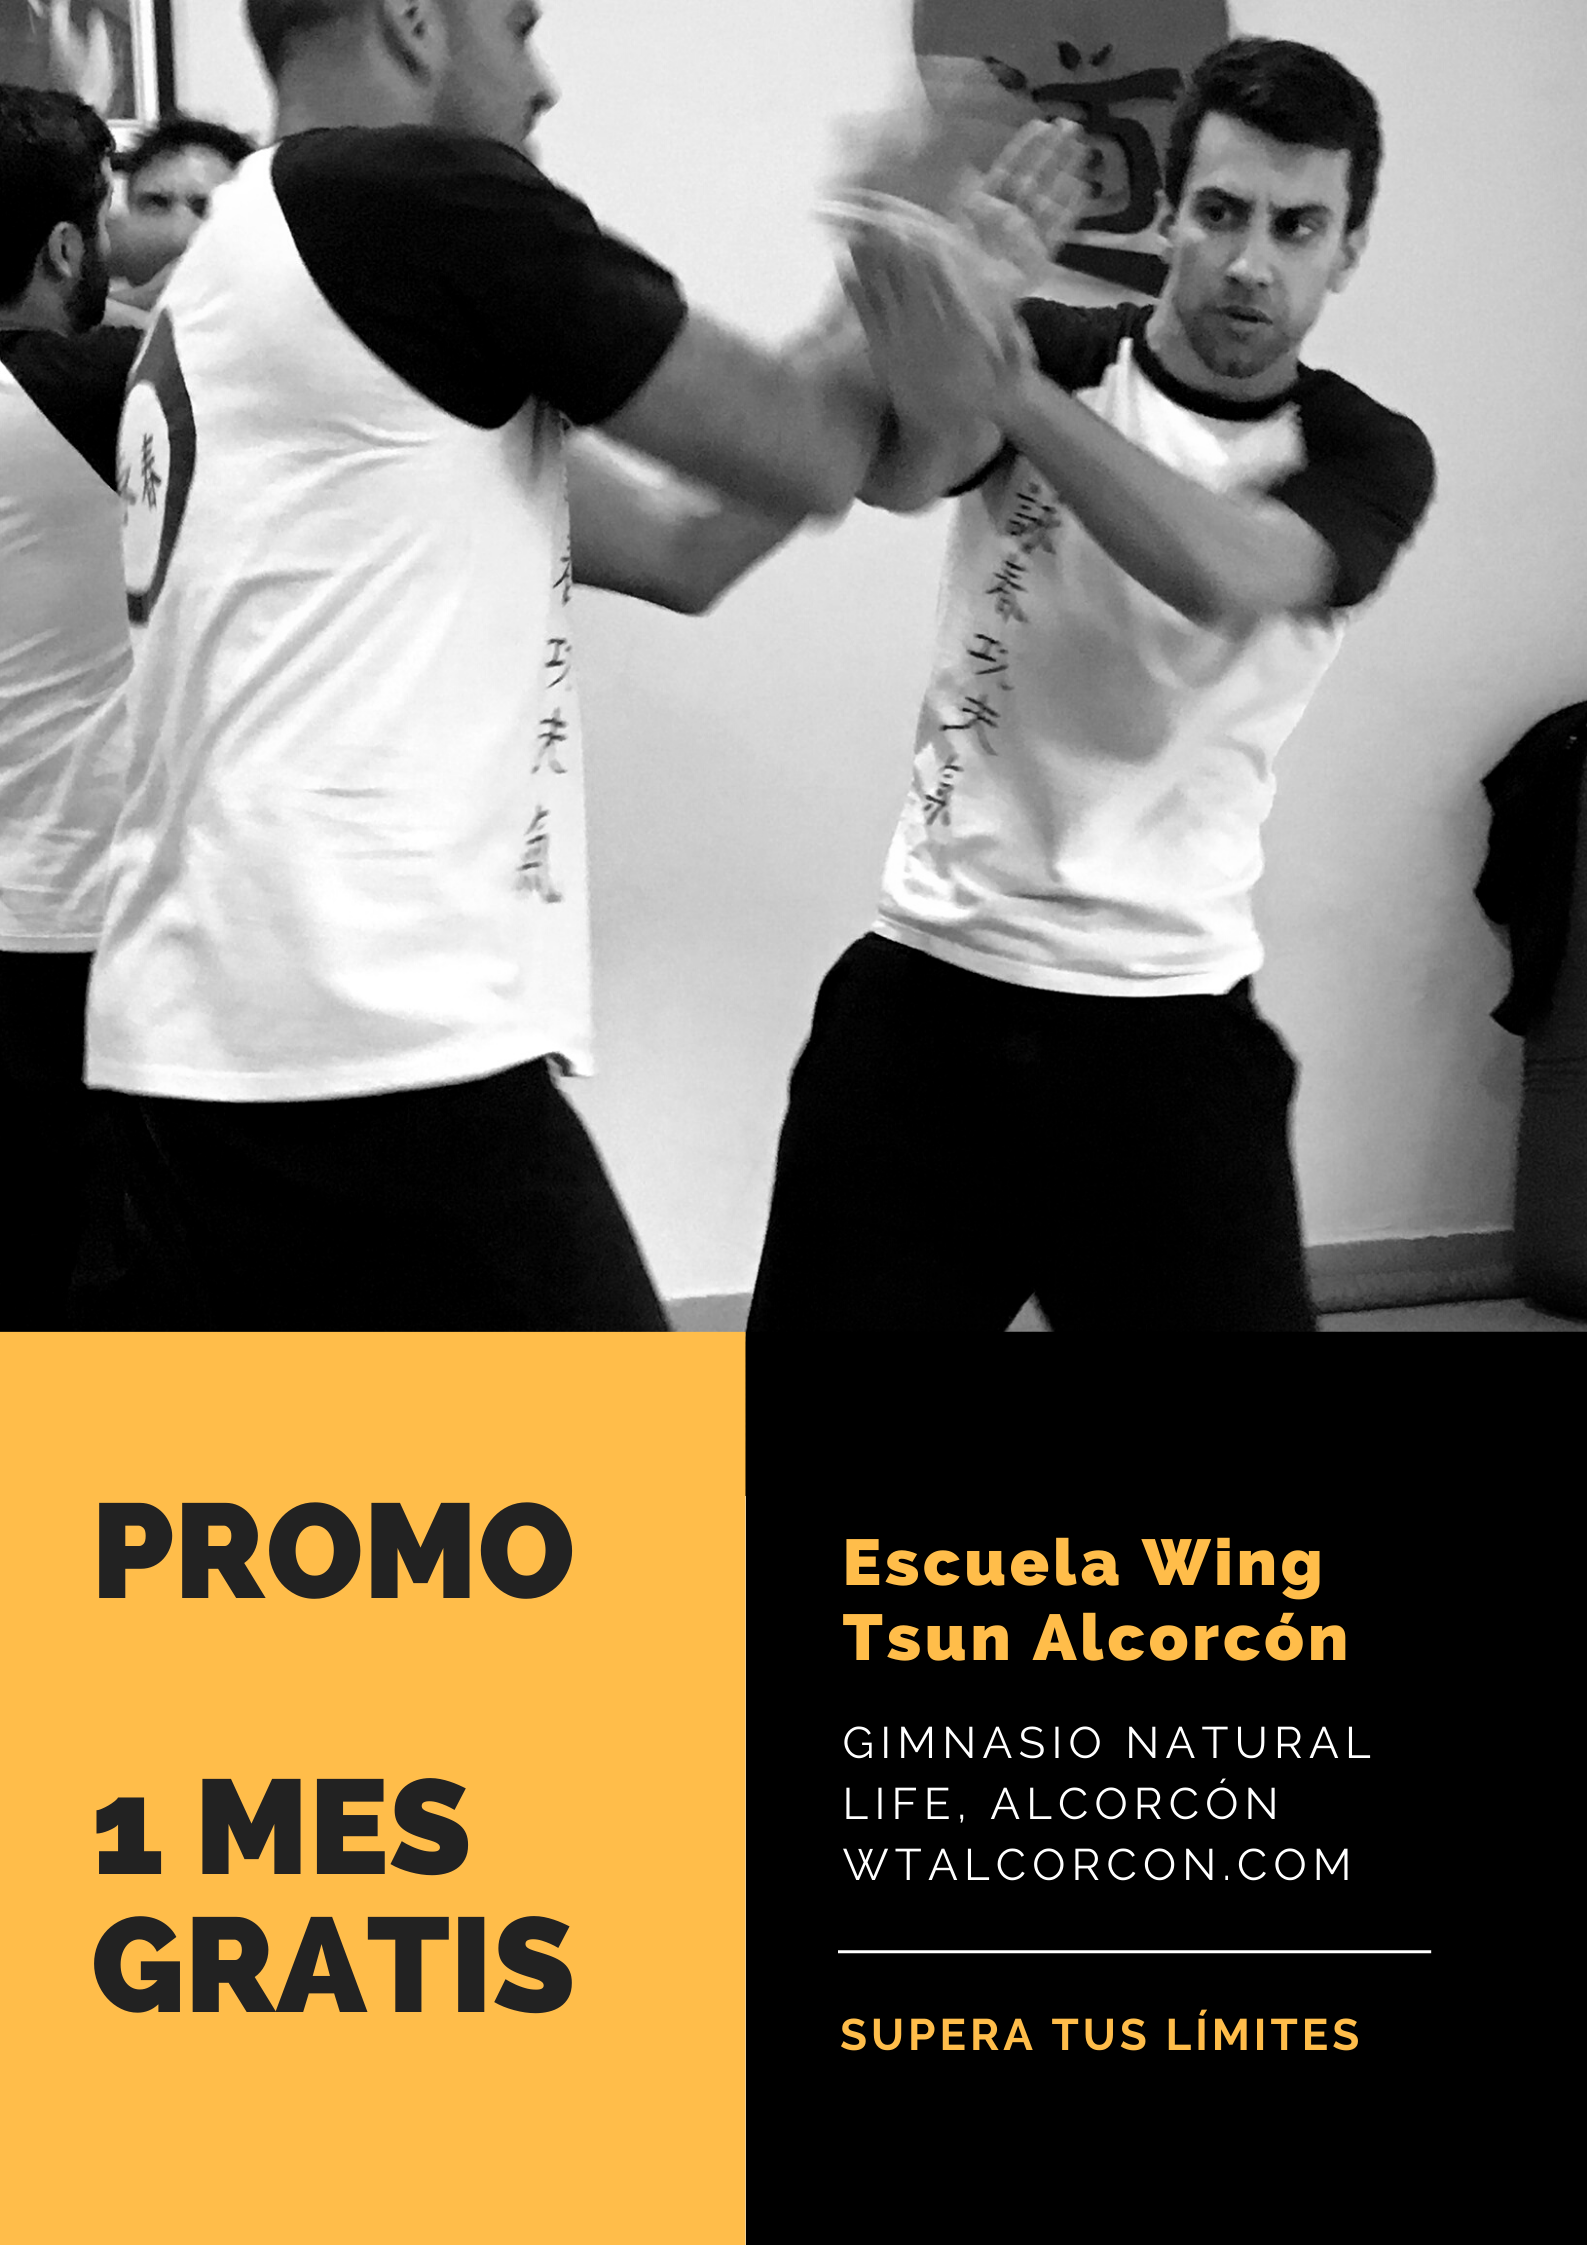 escuela wing tsun alcorcón (3)